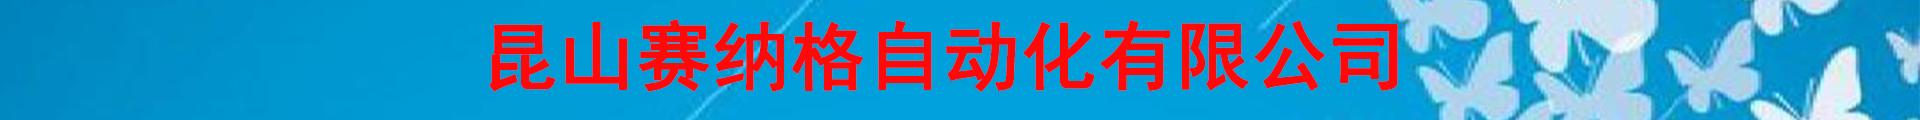 崑山賽納格自動化有限公司